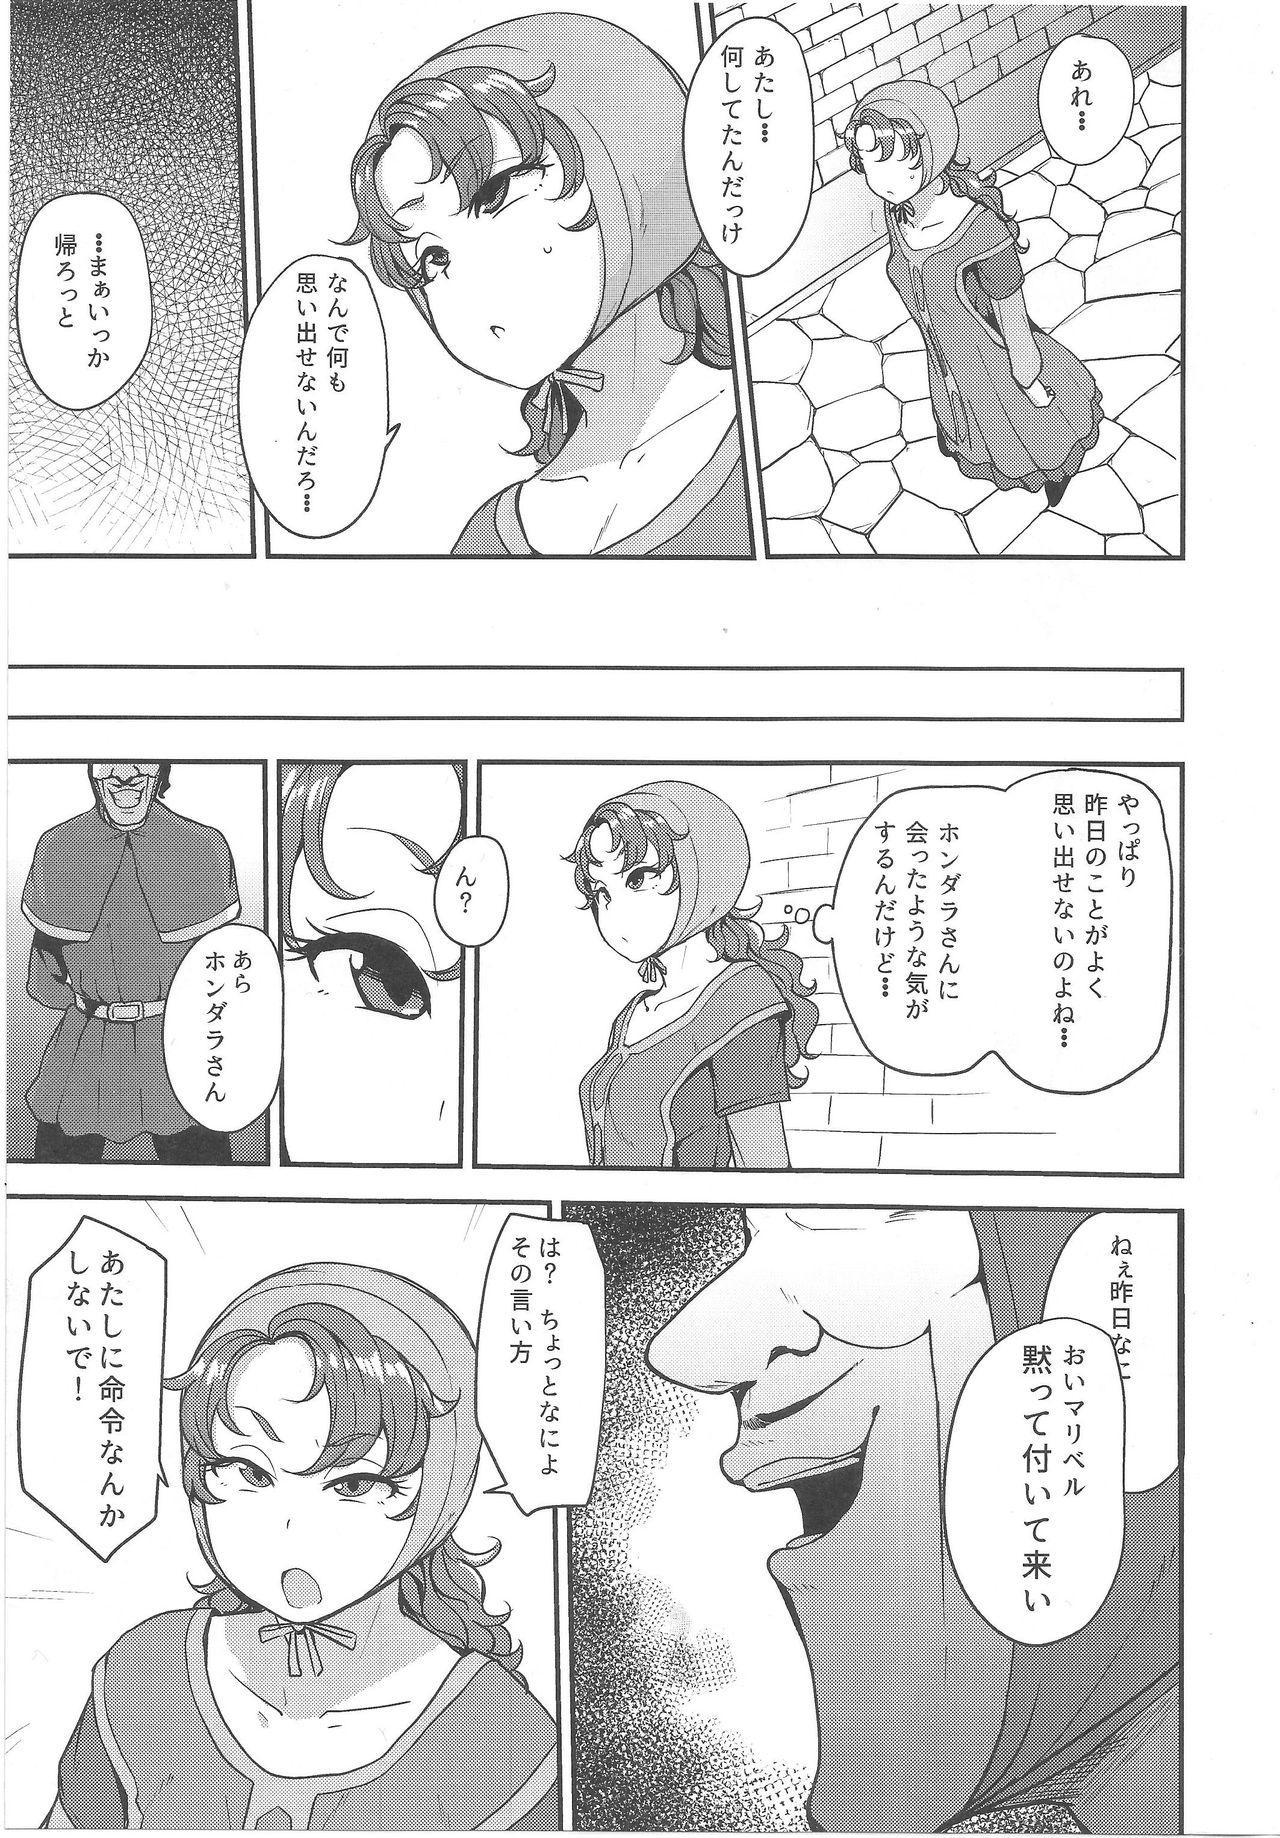 Amimoto no Musume Maribel Saimin Choukyou 13